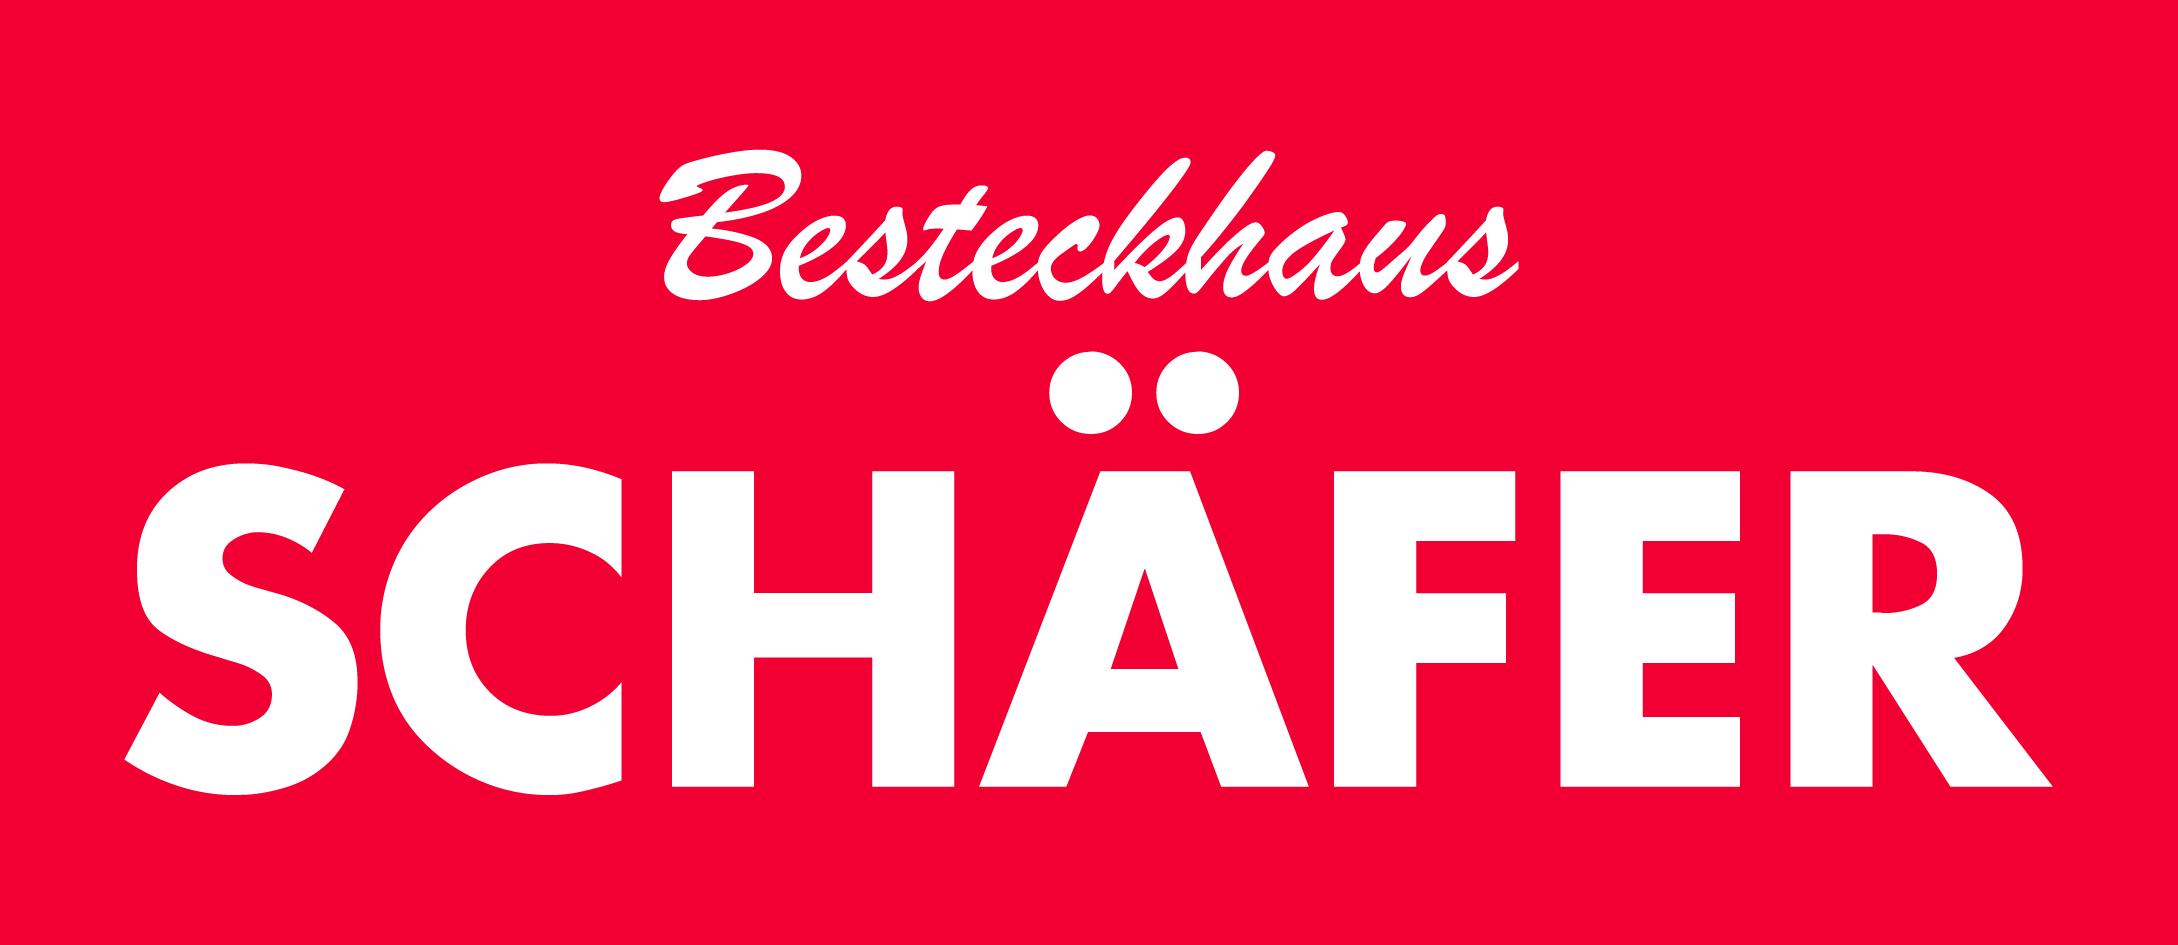 Besteckhaus SCHÄFER